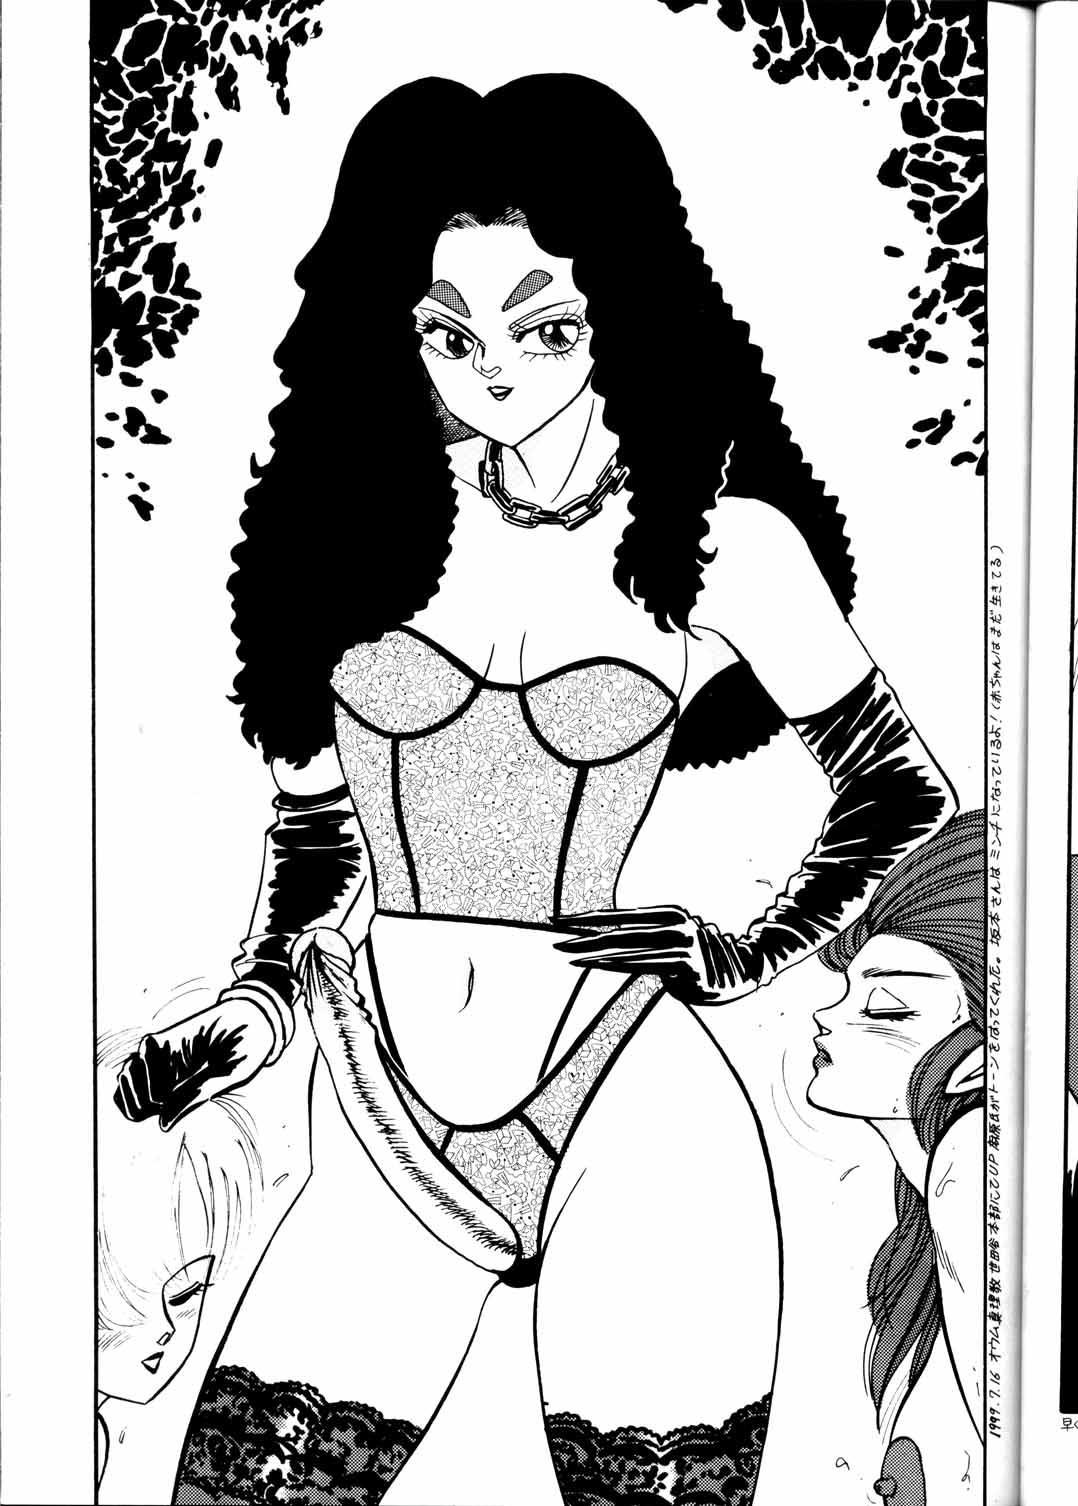 Hobaku Douga Musume 34